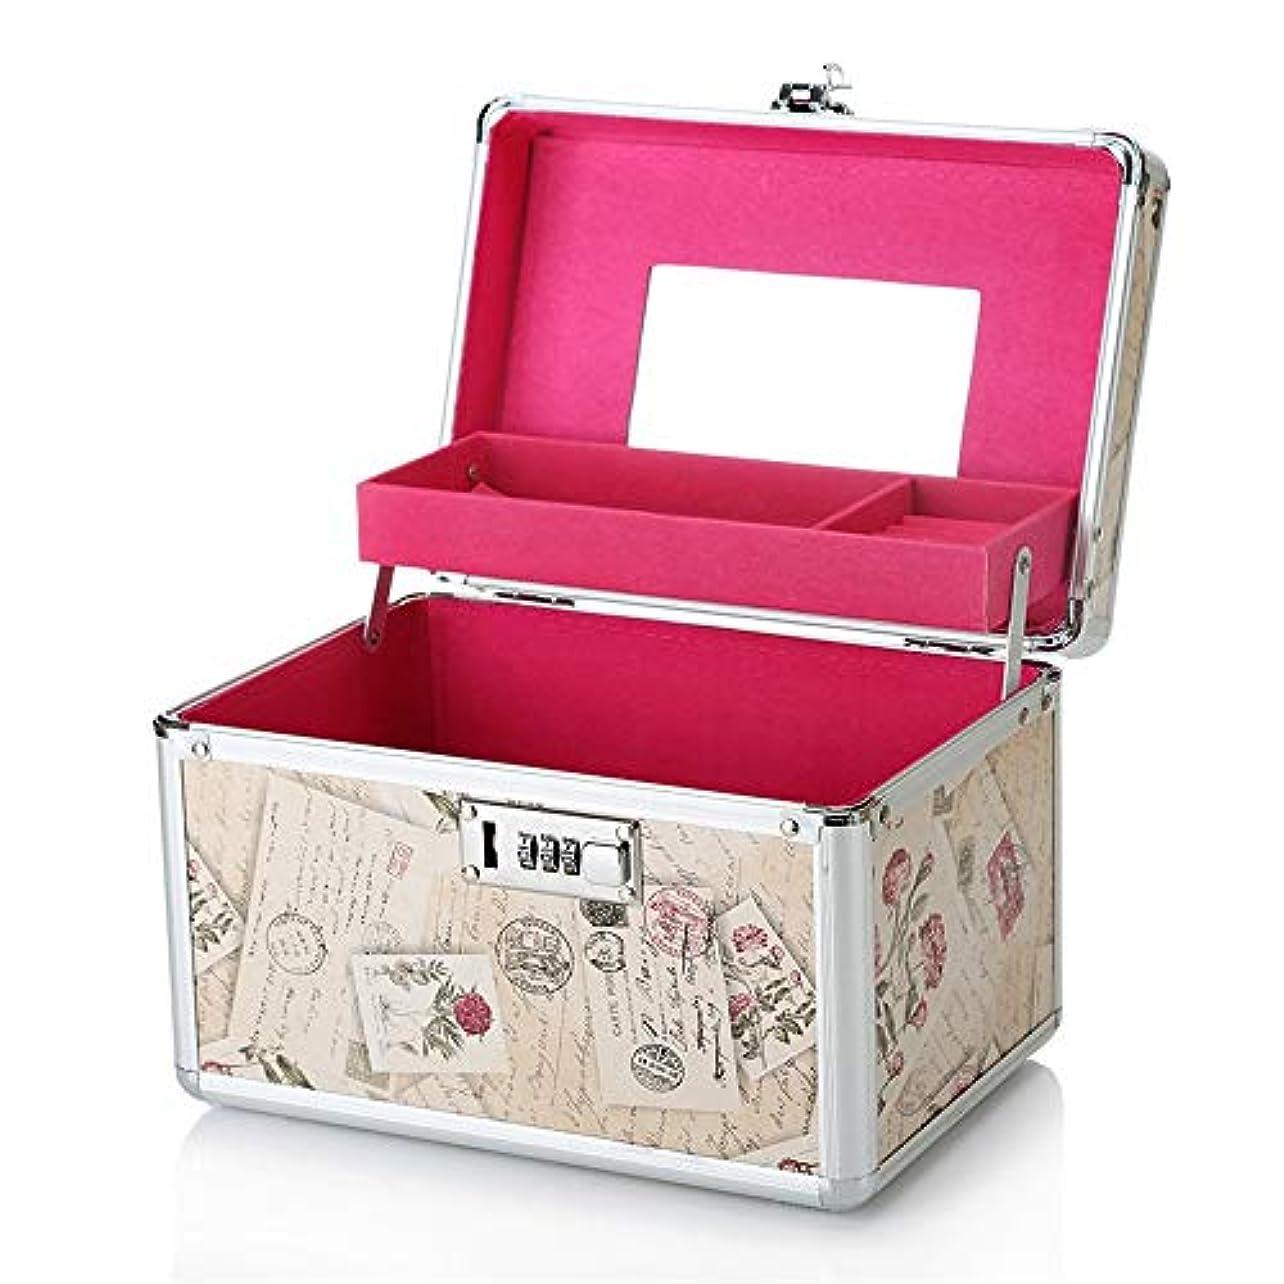 魅力的全くおっと化粧オーガナイザーバッグ 旅行のメイクアップバッグメイク化粧品バッグトイレタリー化粧ケース 化粧品ケース